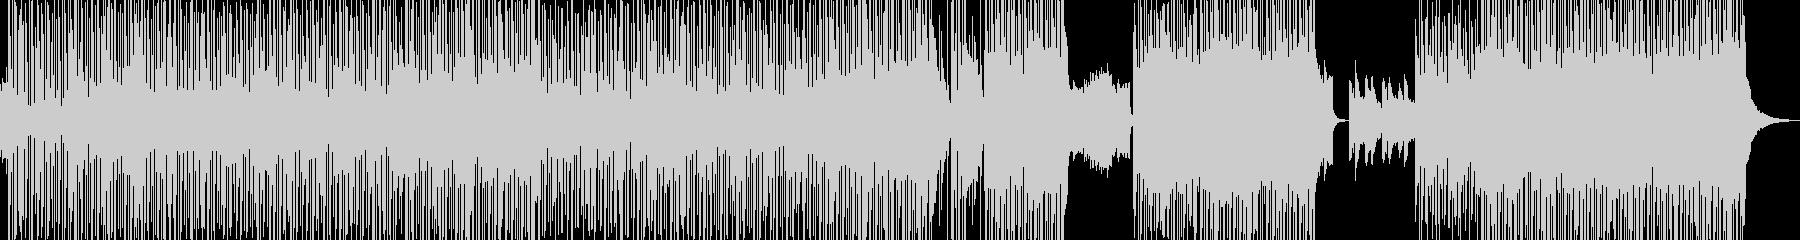 冷めた恋仲をイメージ・ピアノ控えめ構成の未再生の波形